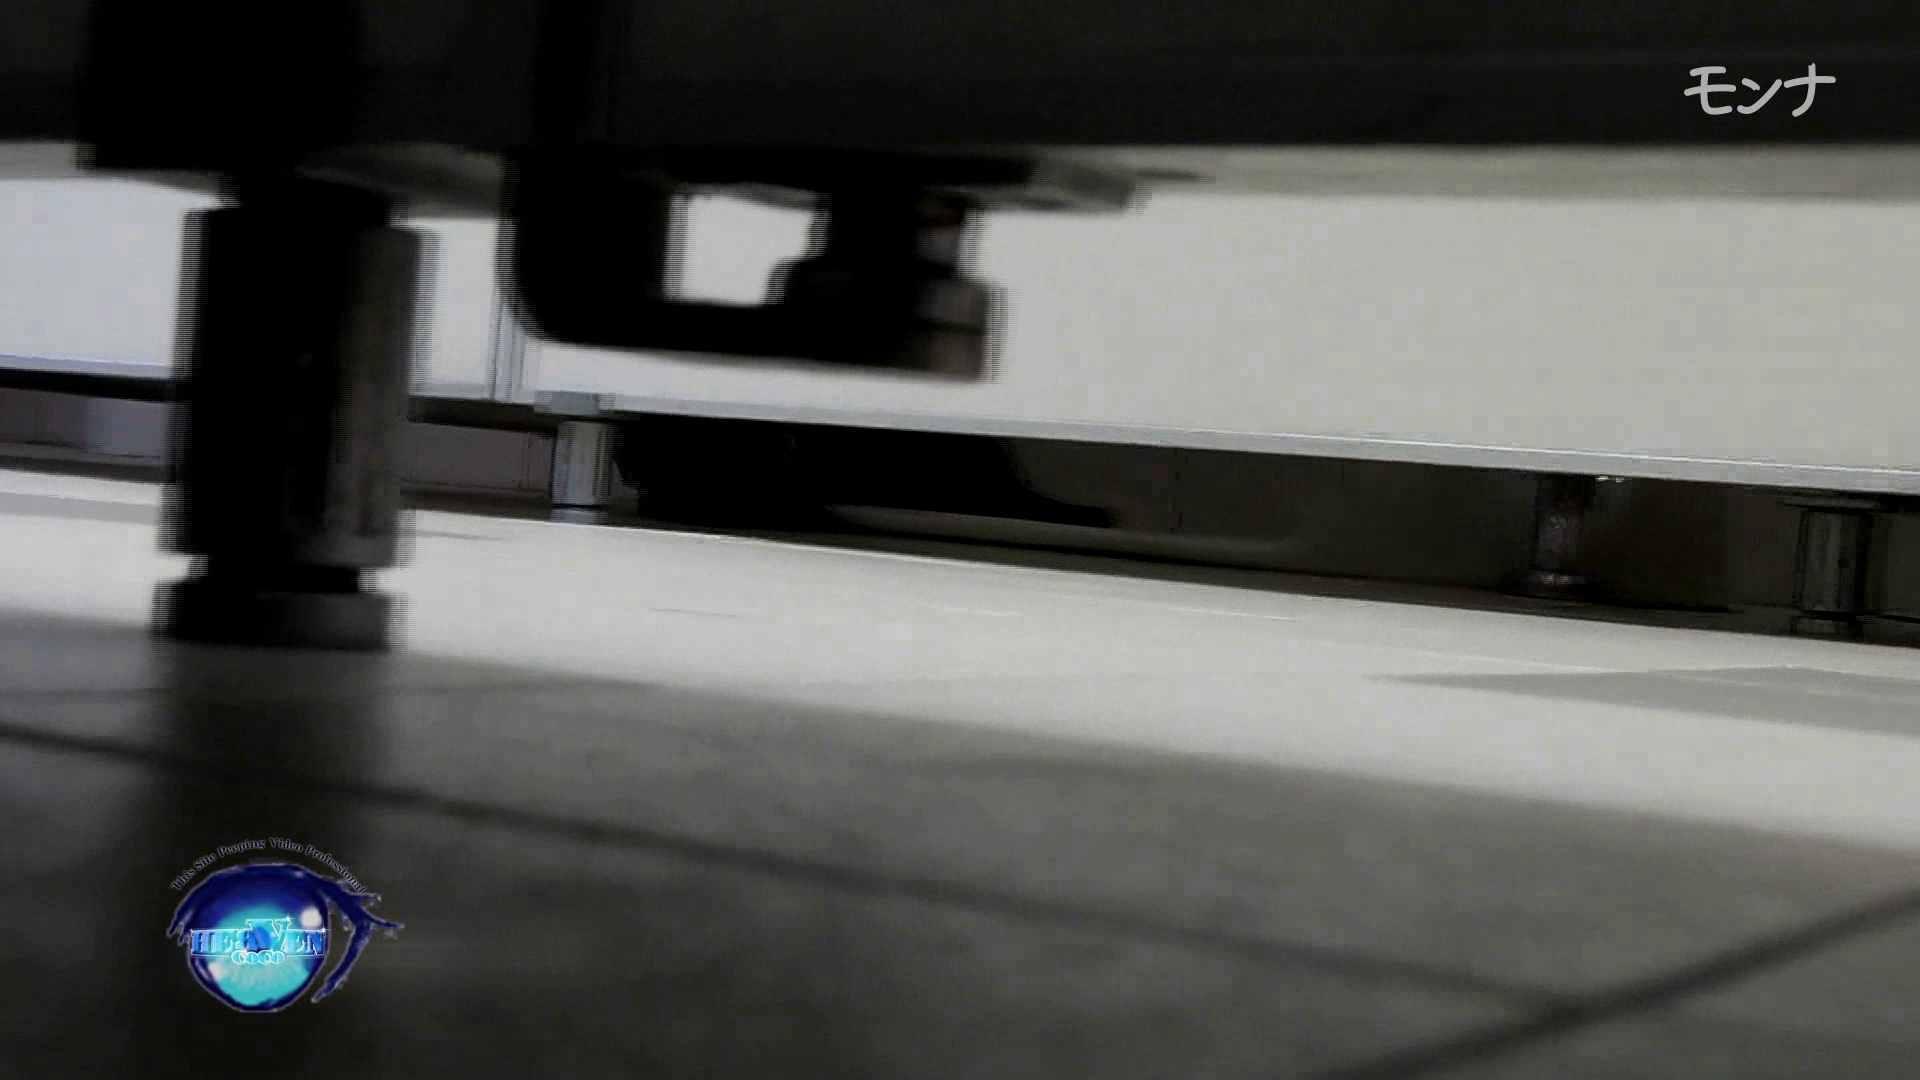 美しい日本の未来 No.96 オマンコ秘宝館   覗き  68連発 16